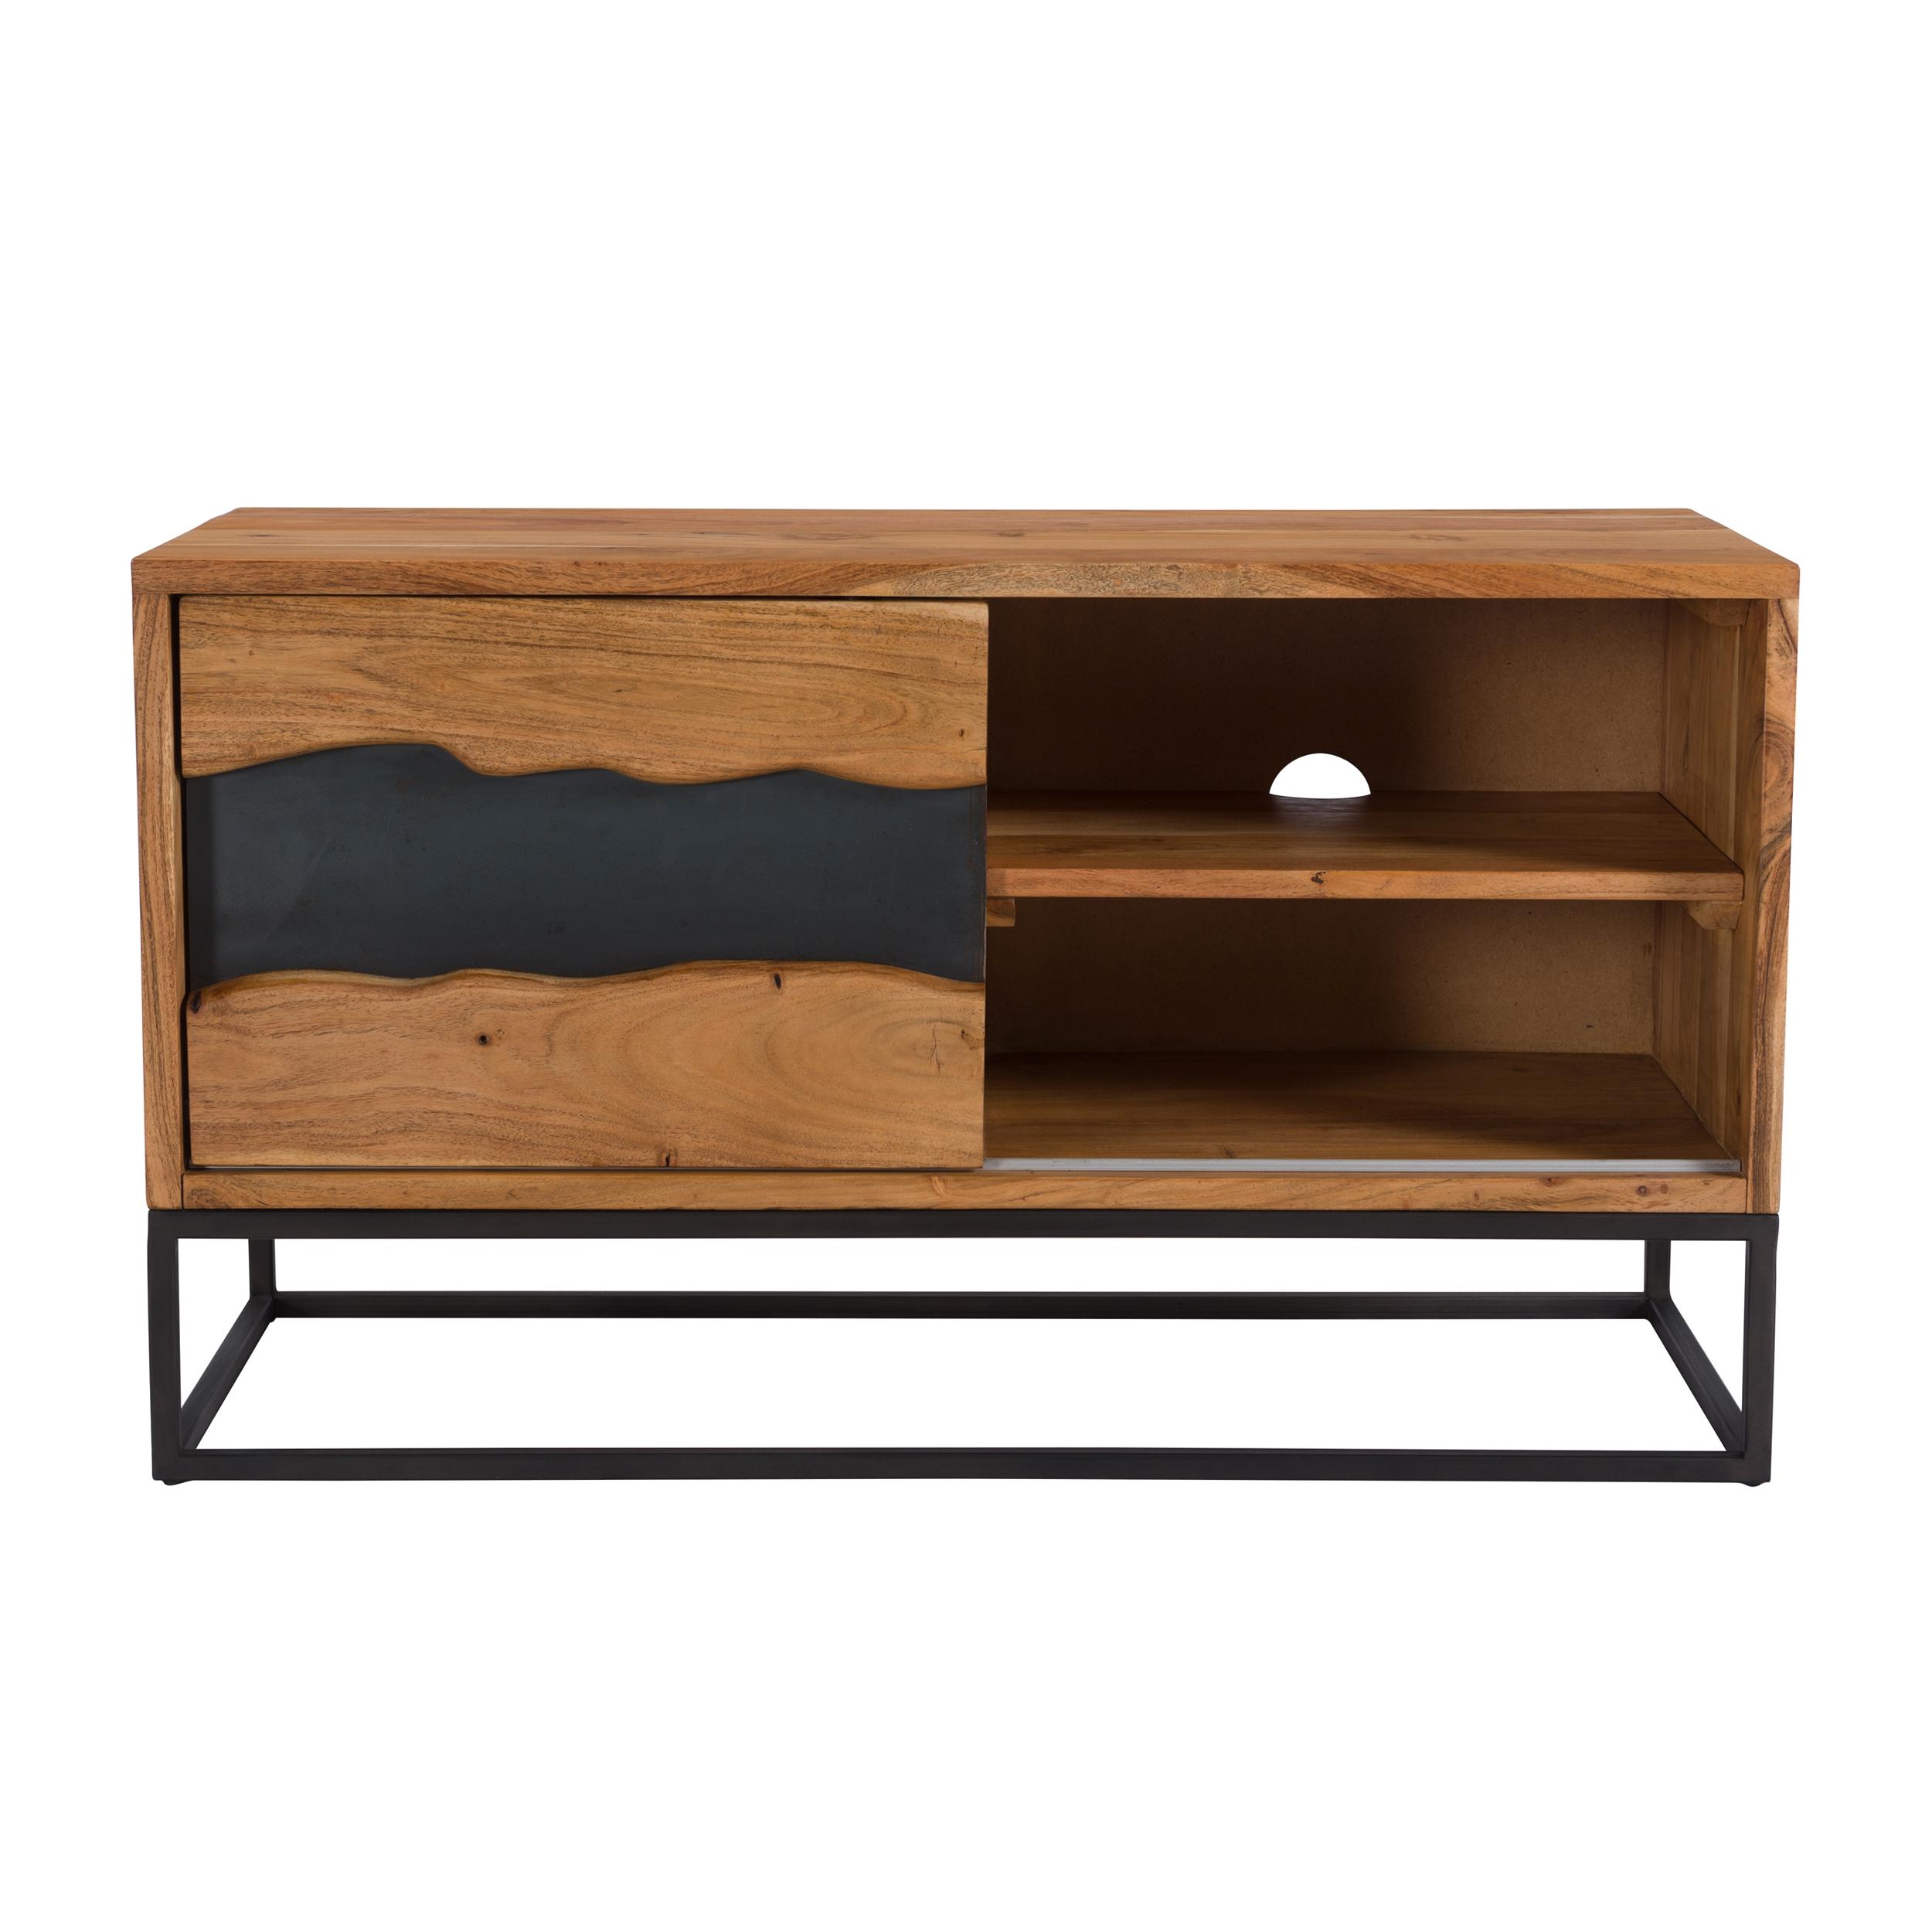 maison du monde Meuble TV 1 porte coulissante en bois d'acacia et métal noir